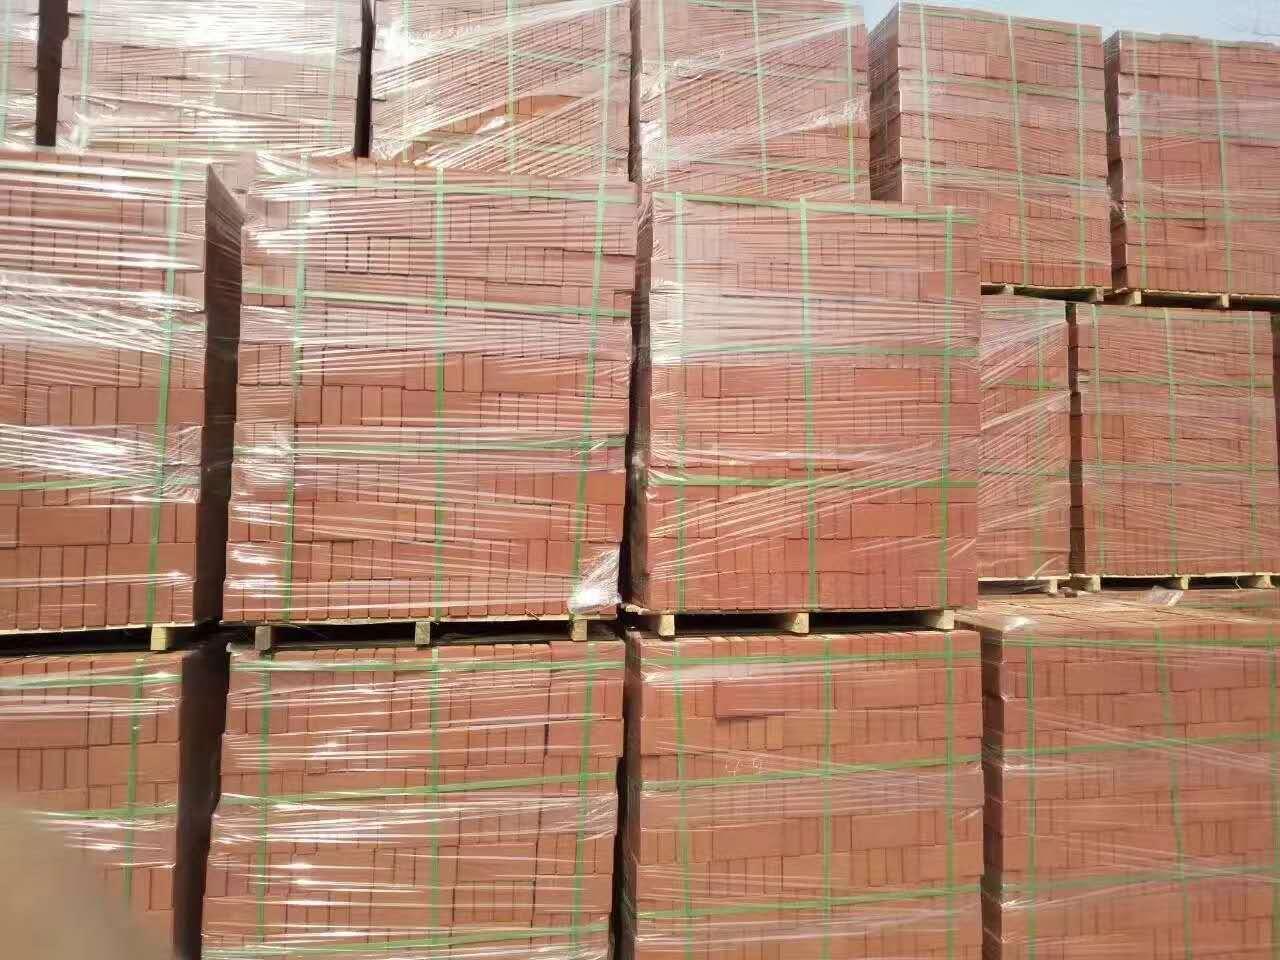 临沂烧结砖供应 供应山东各类烧结砖